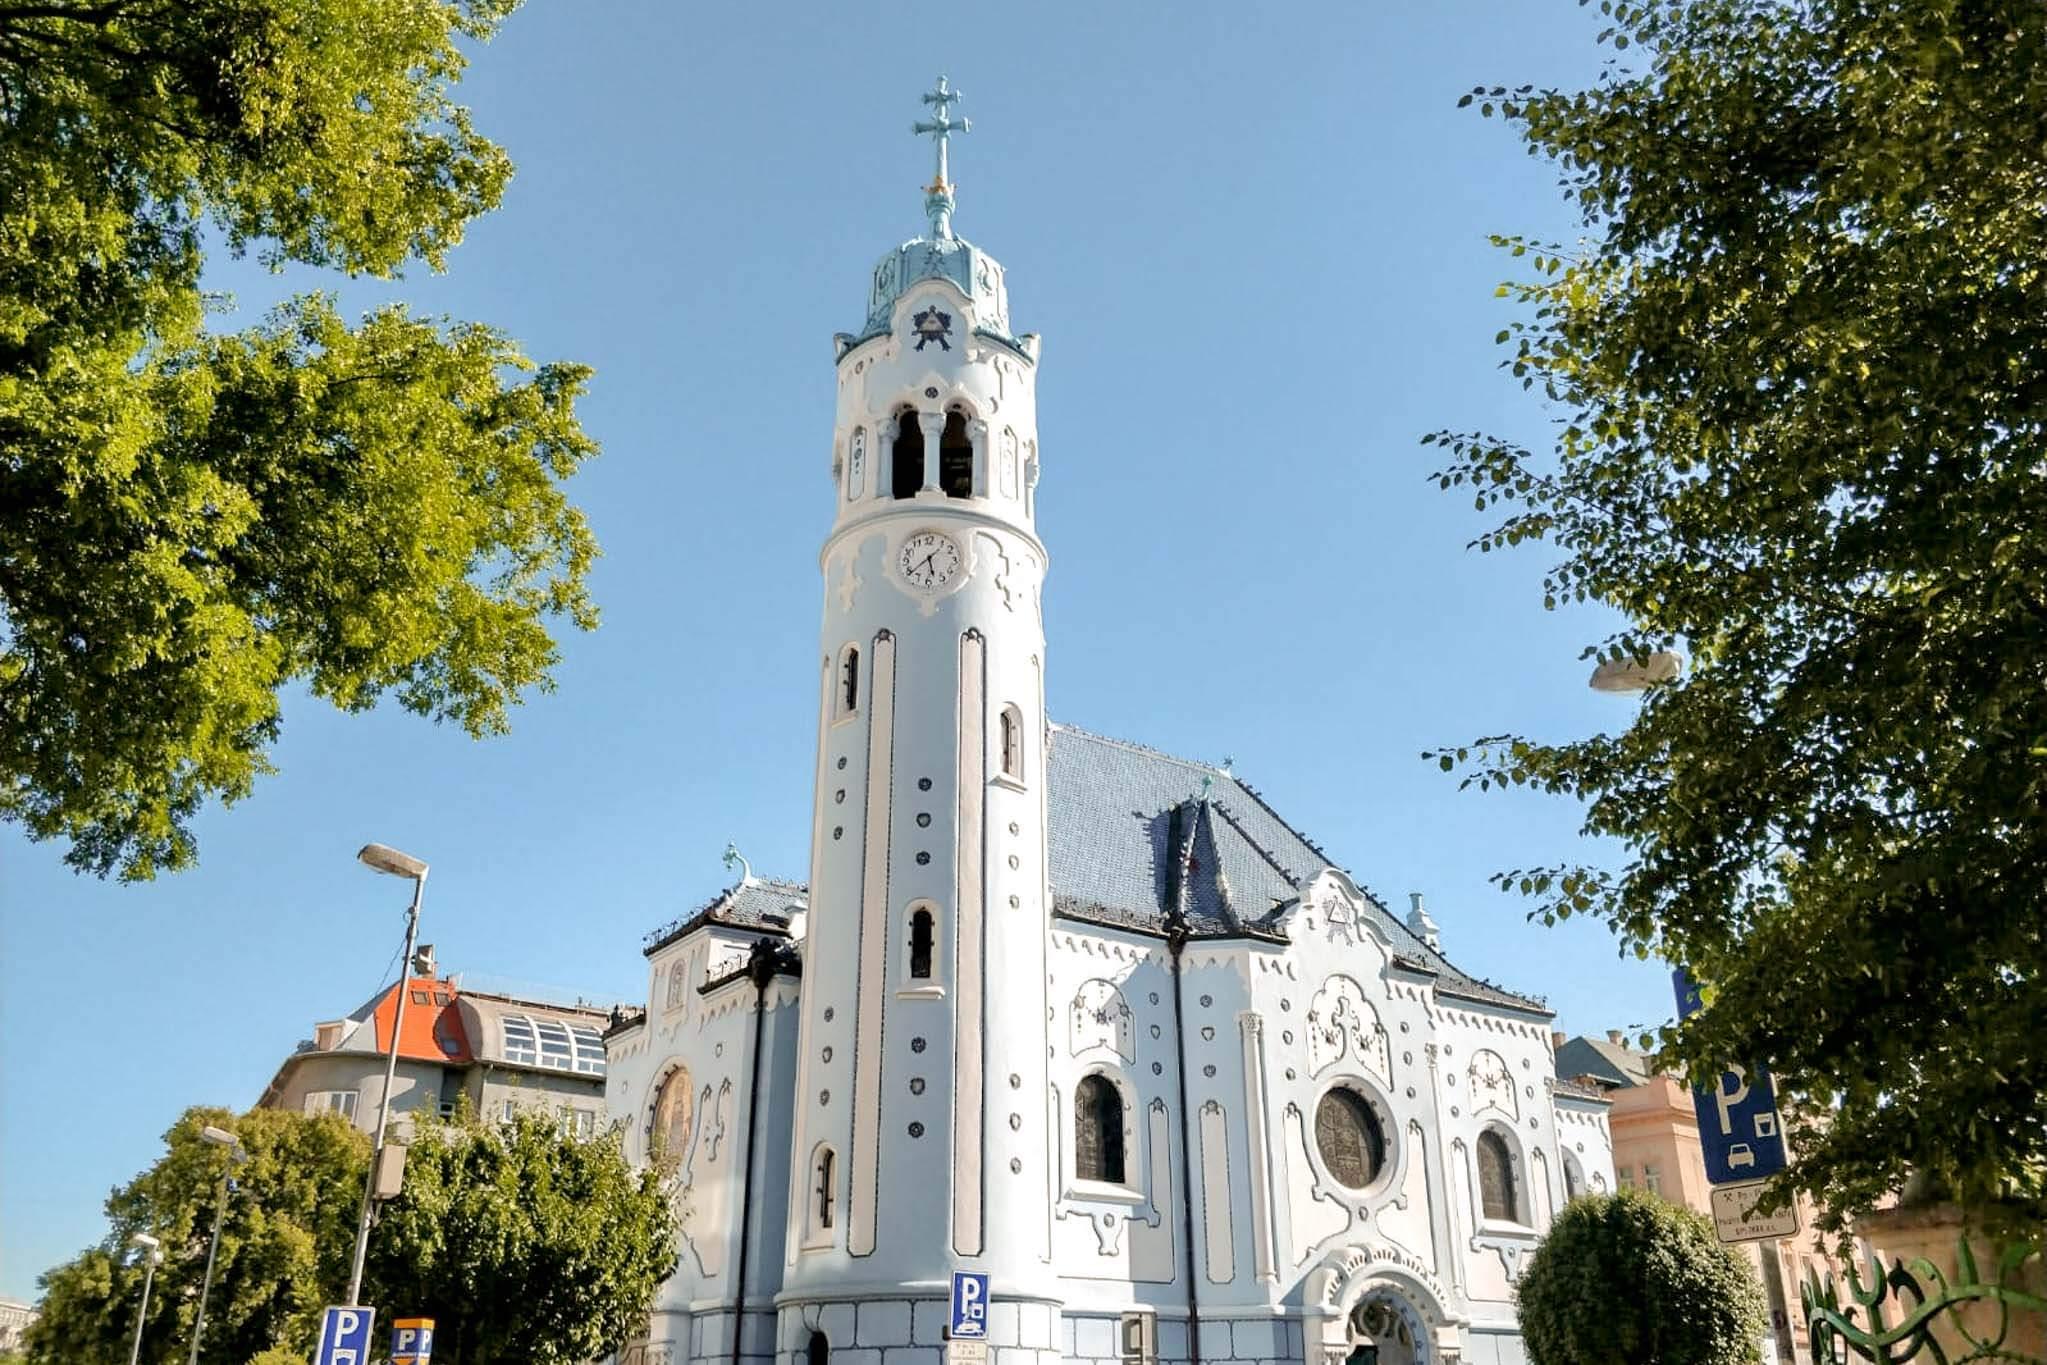 A 48-hour guide to Bratislava, Slovakia